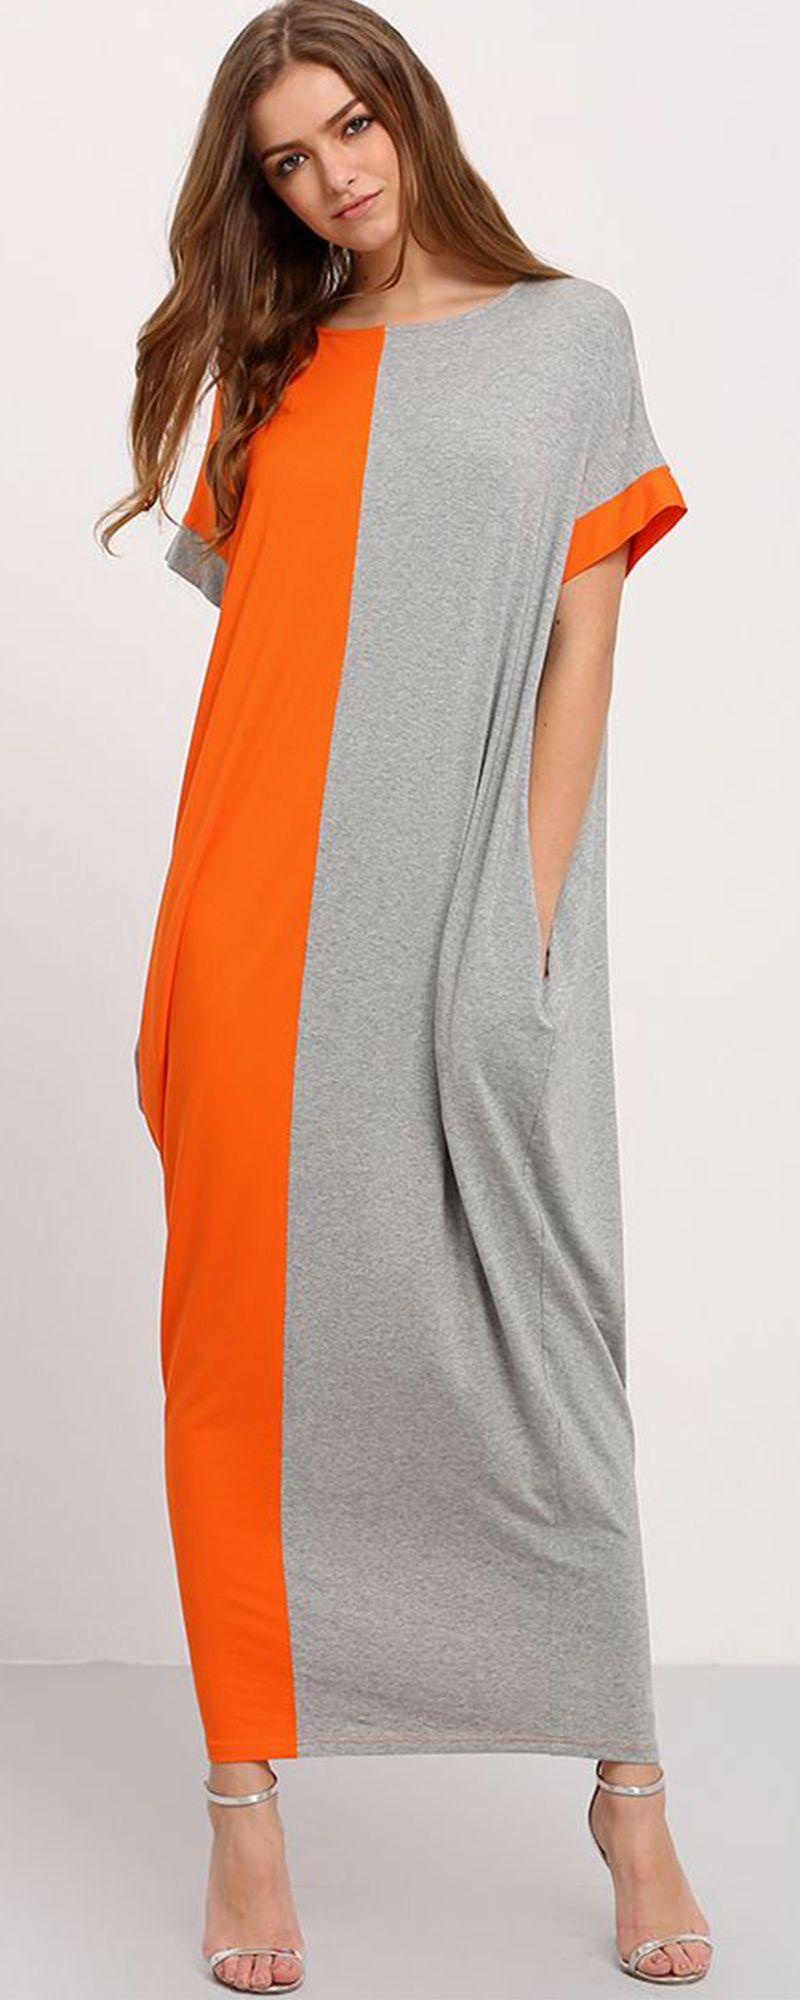 14d0c1746 Grey Orange Contrast Pockets Maxi Dress | Spotlights | Dresses ...